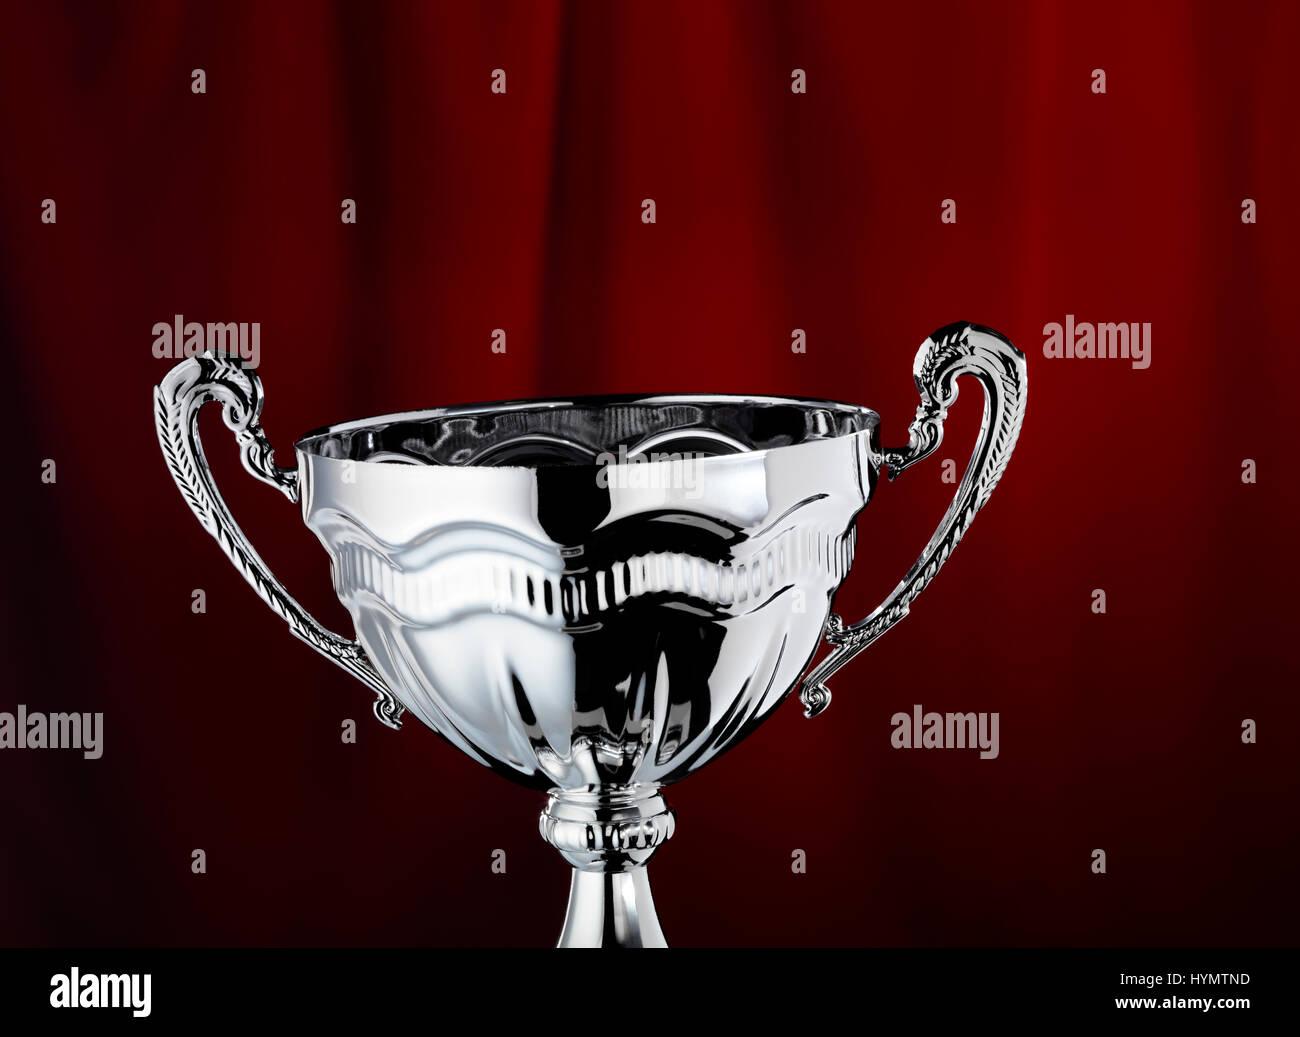 Trofeo con un telón de fondo rojo Foto de stock